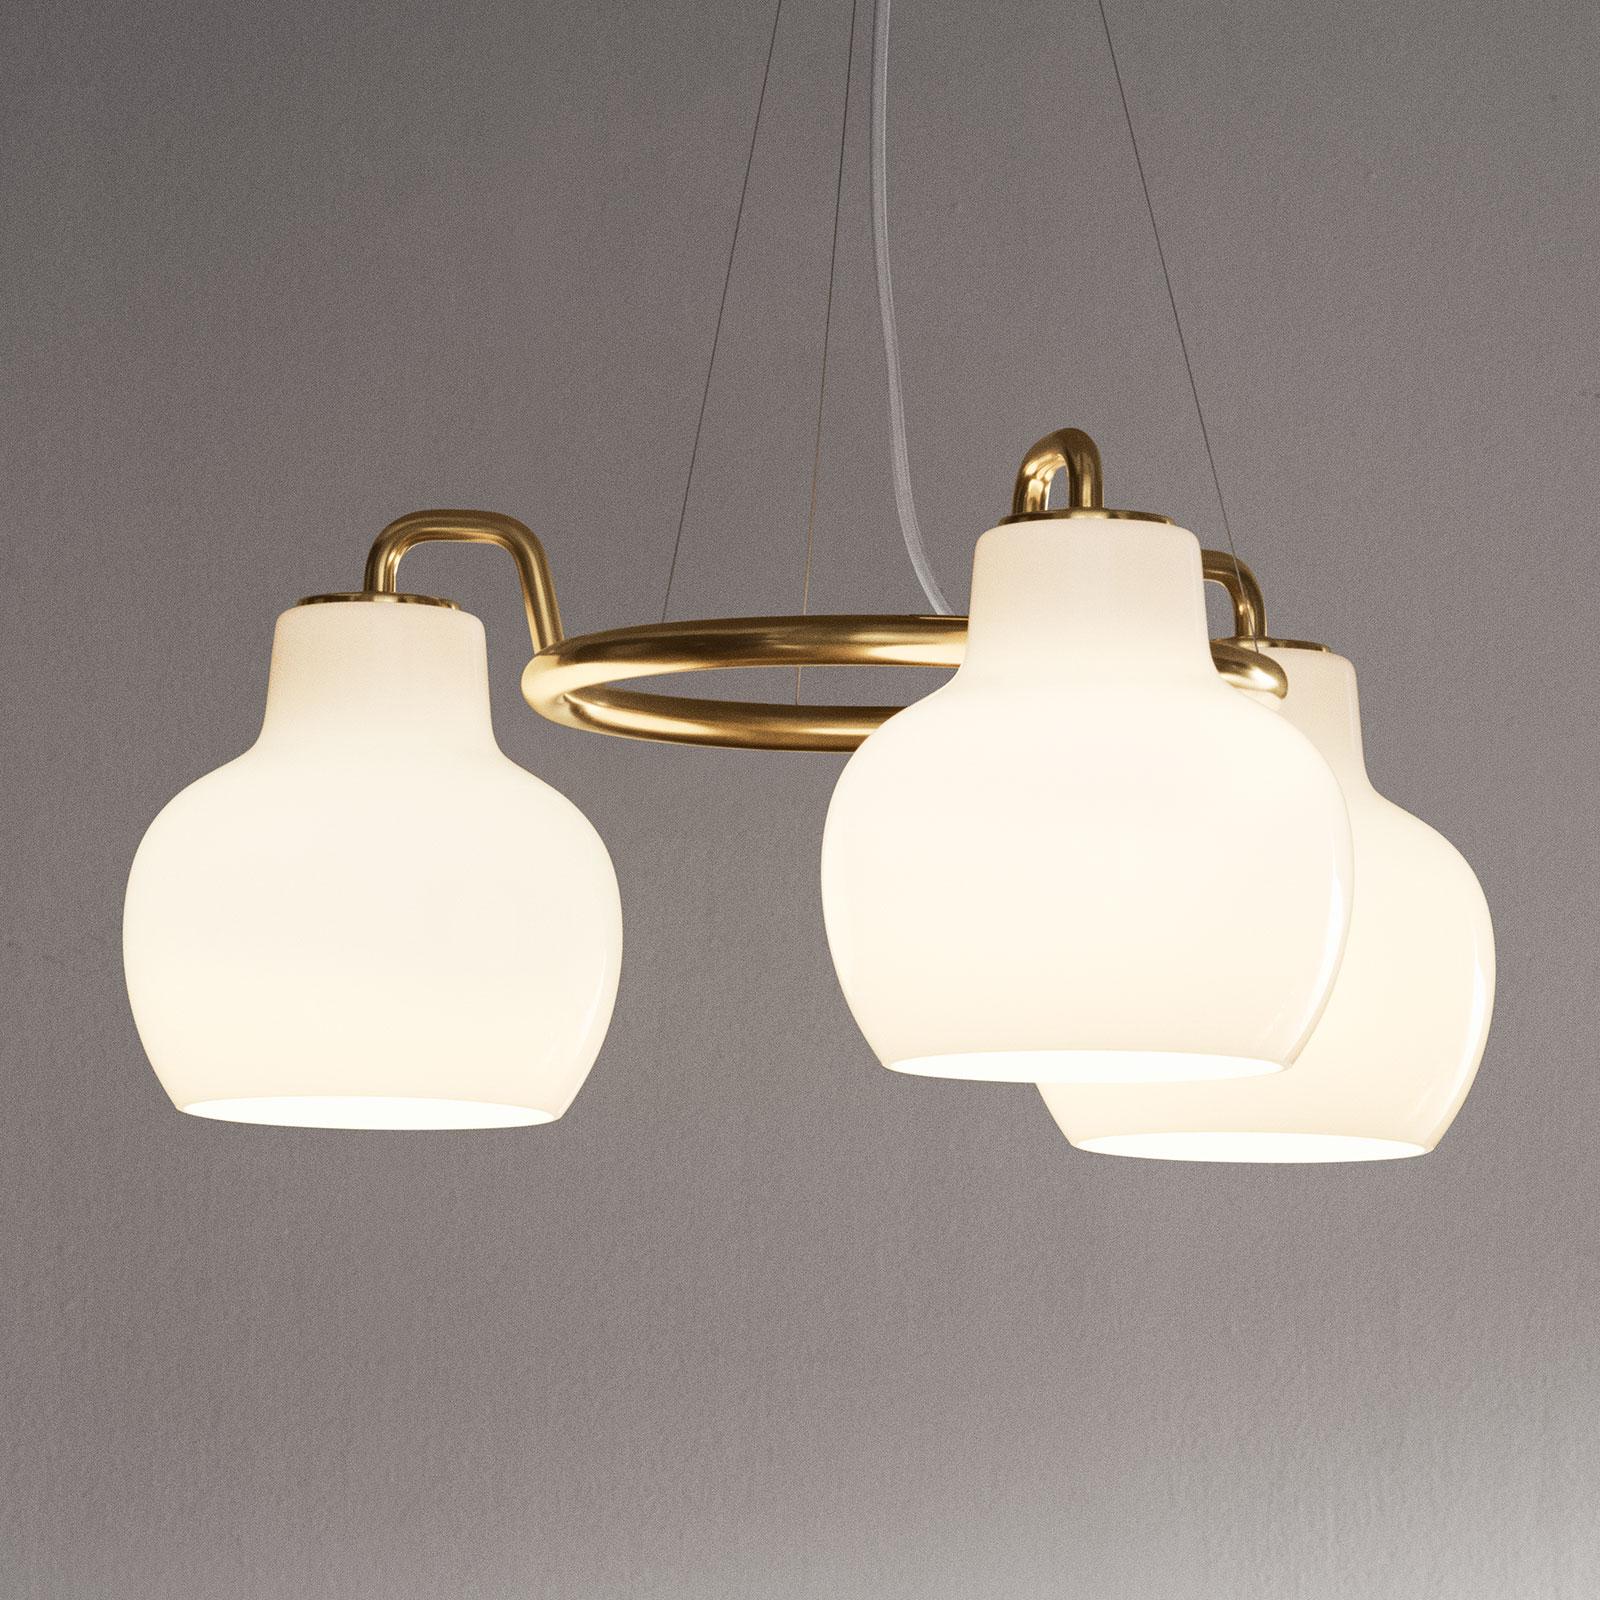 Louis Poulsen VL Ring Crown hængelampe 3 lyskilder